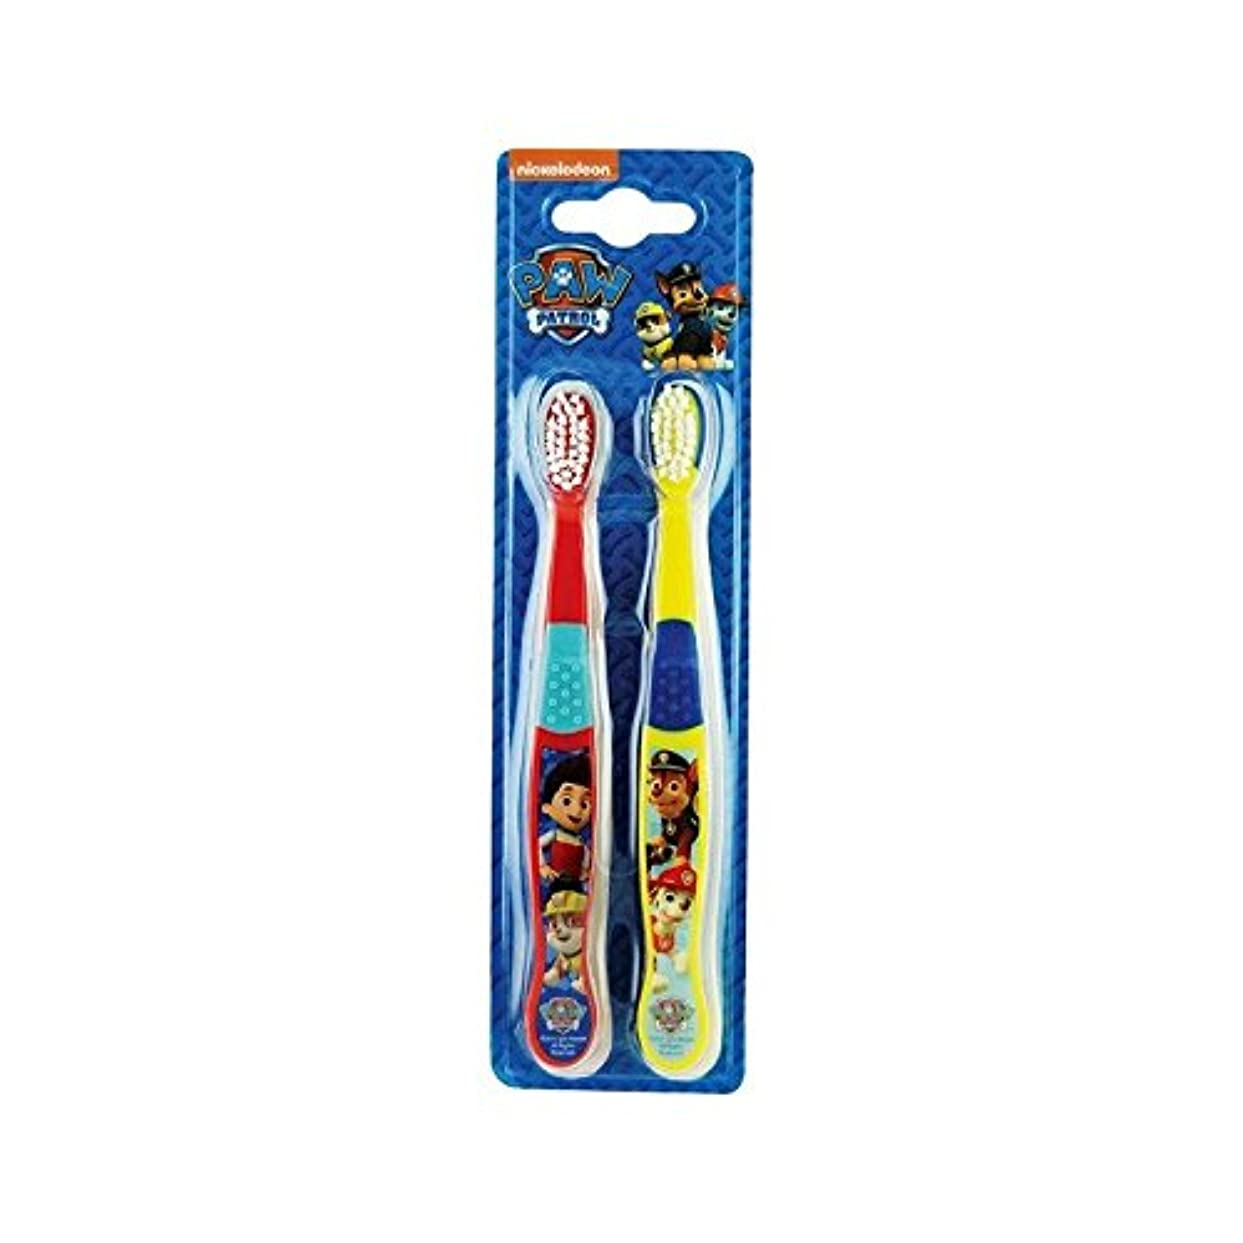 生文字通り成長1パックツイン歯ブラシ2 (Paw Patrol) - Paw Patrol Twin Toothbrush 2 per pack [並行輸入品]